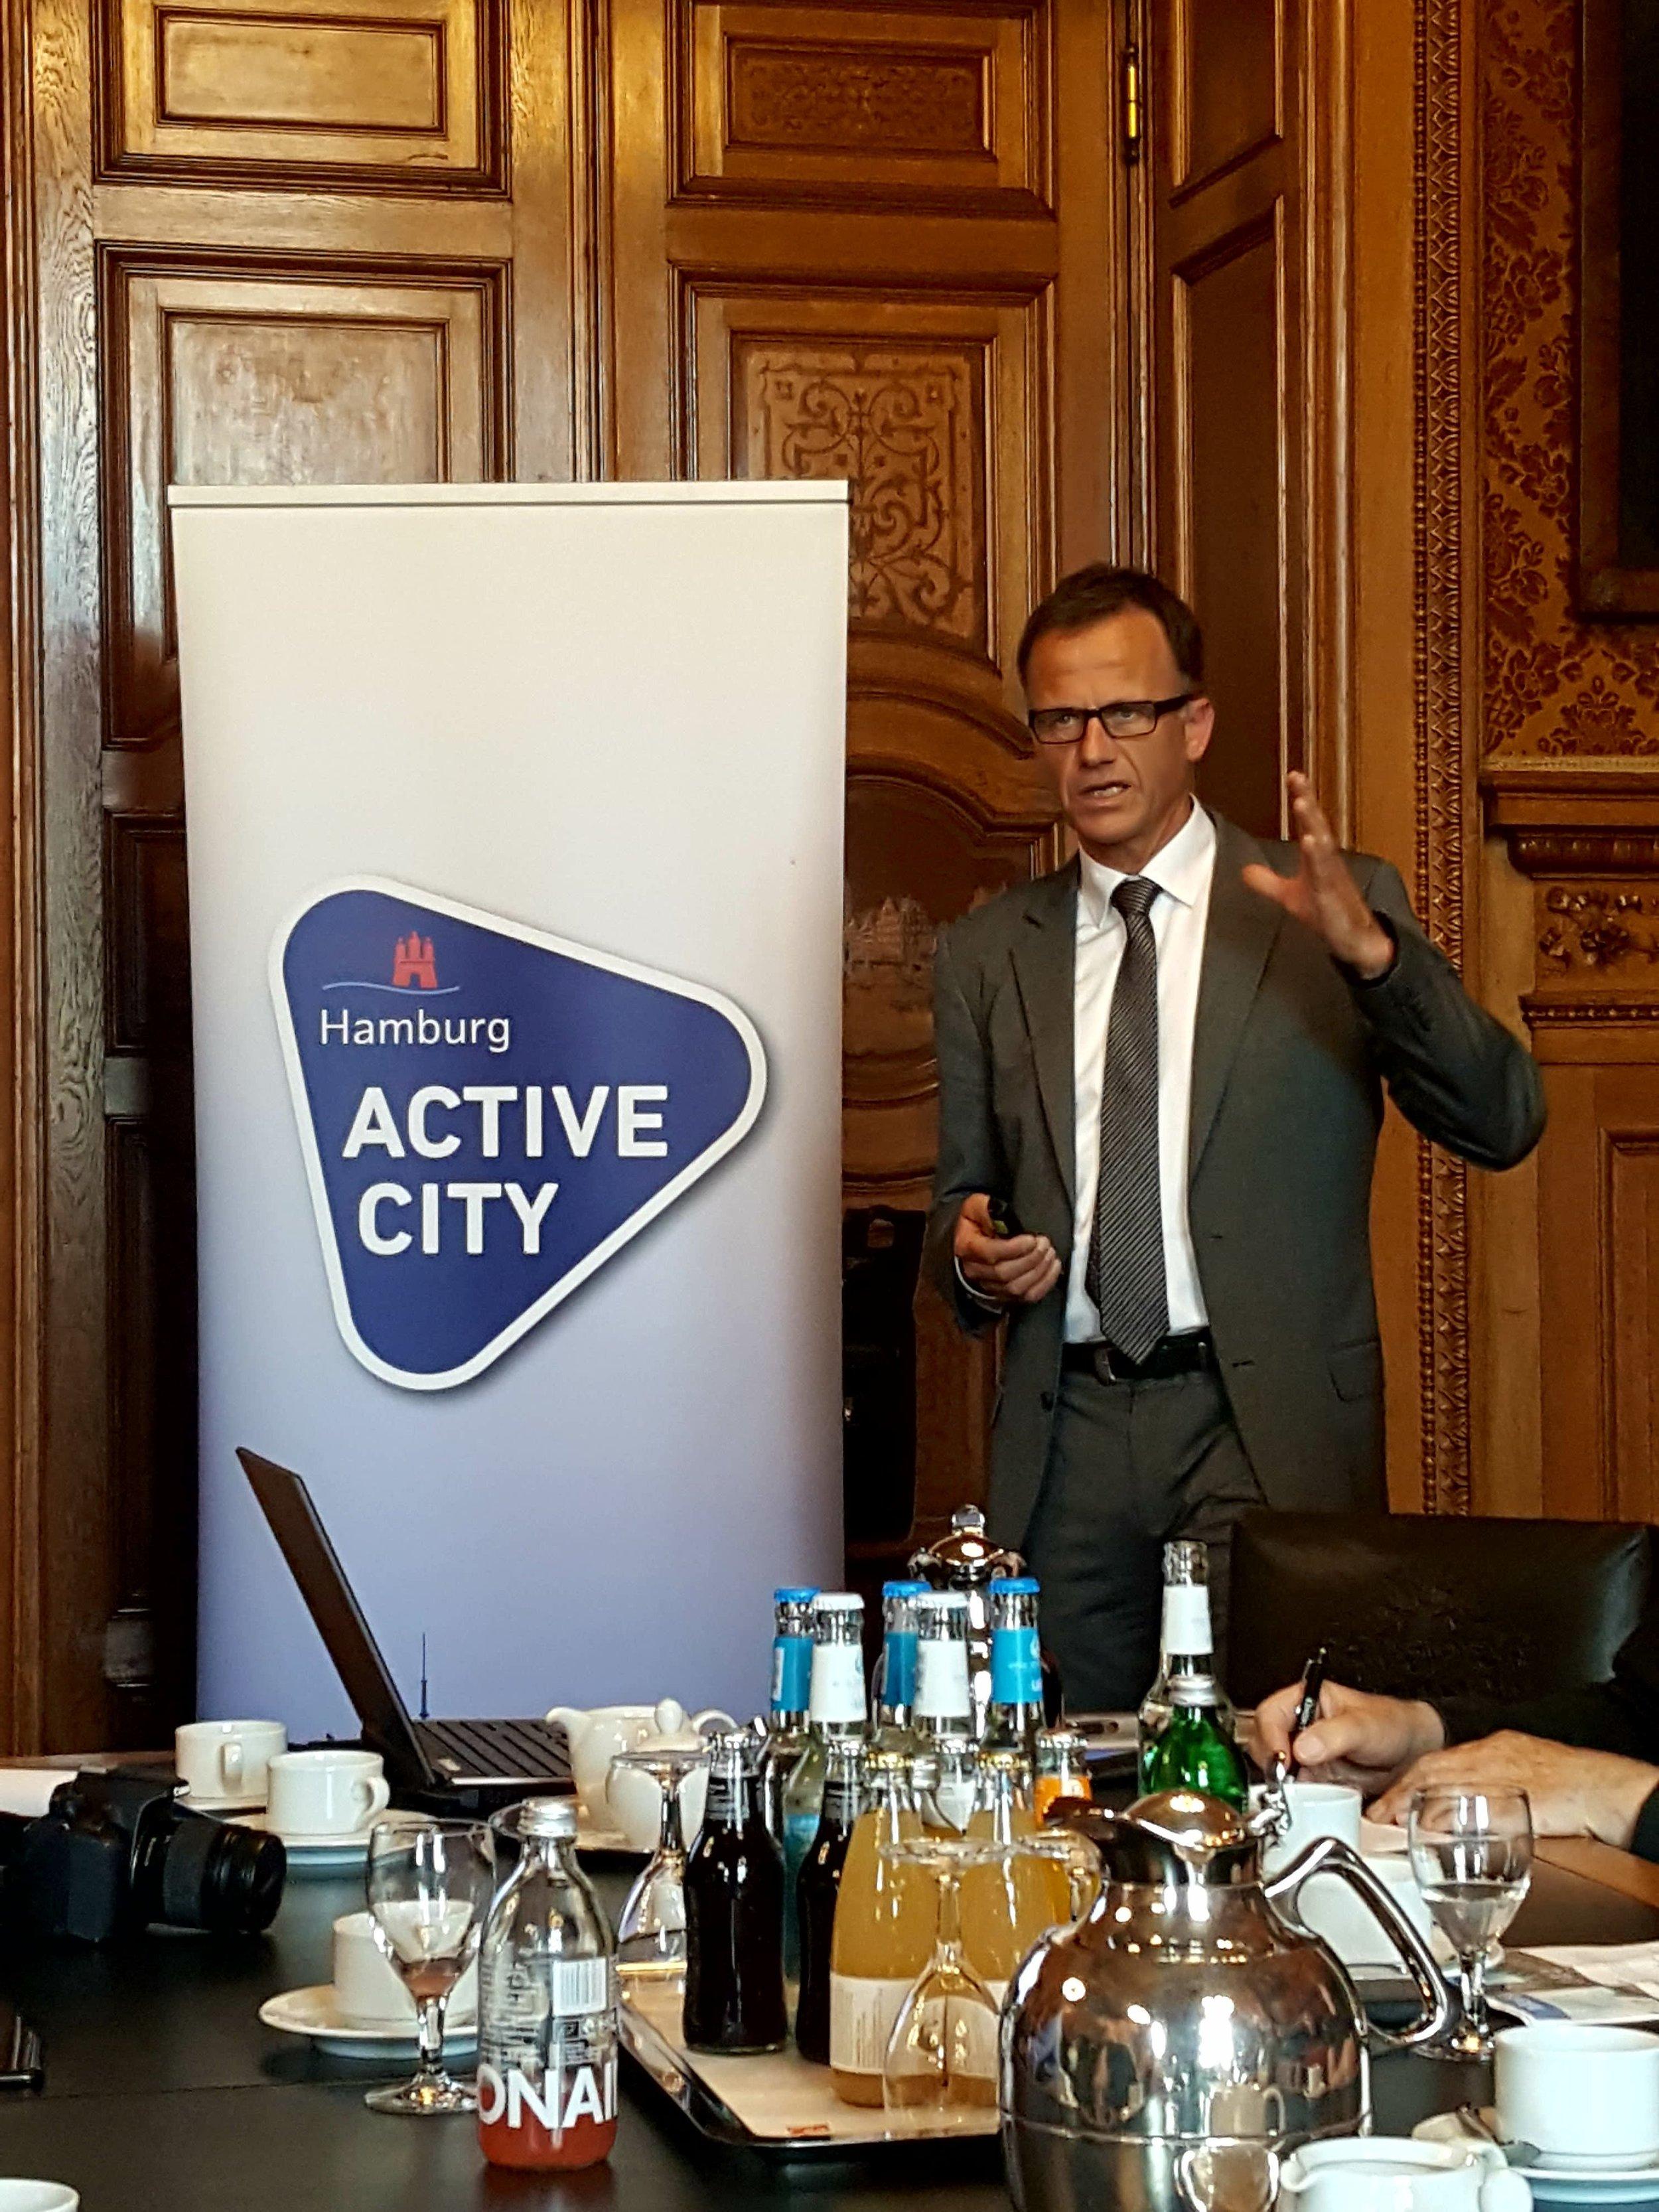 Christoph Holstein og Hamburg forsøger med Active City Masterplanen at vende et kuldsejlet OL-projekt til et positivt udviklingsredskab for idrætten i byen.  Foto: Henrik H. Brandt